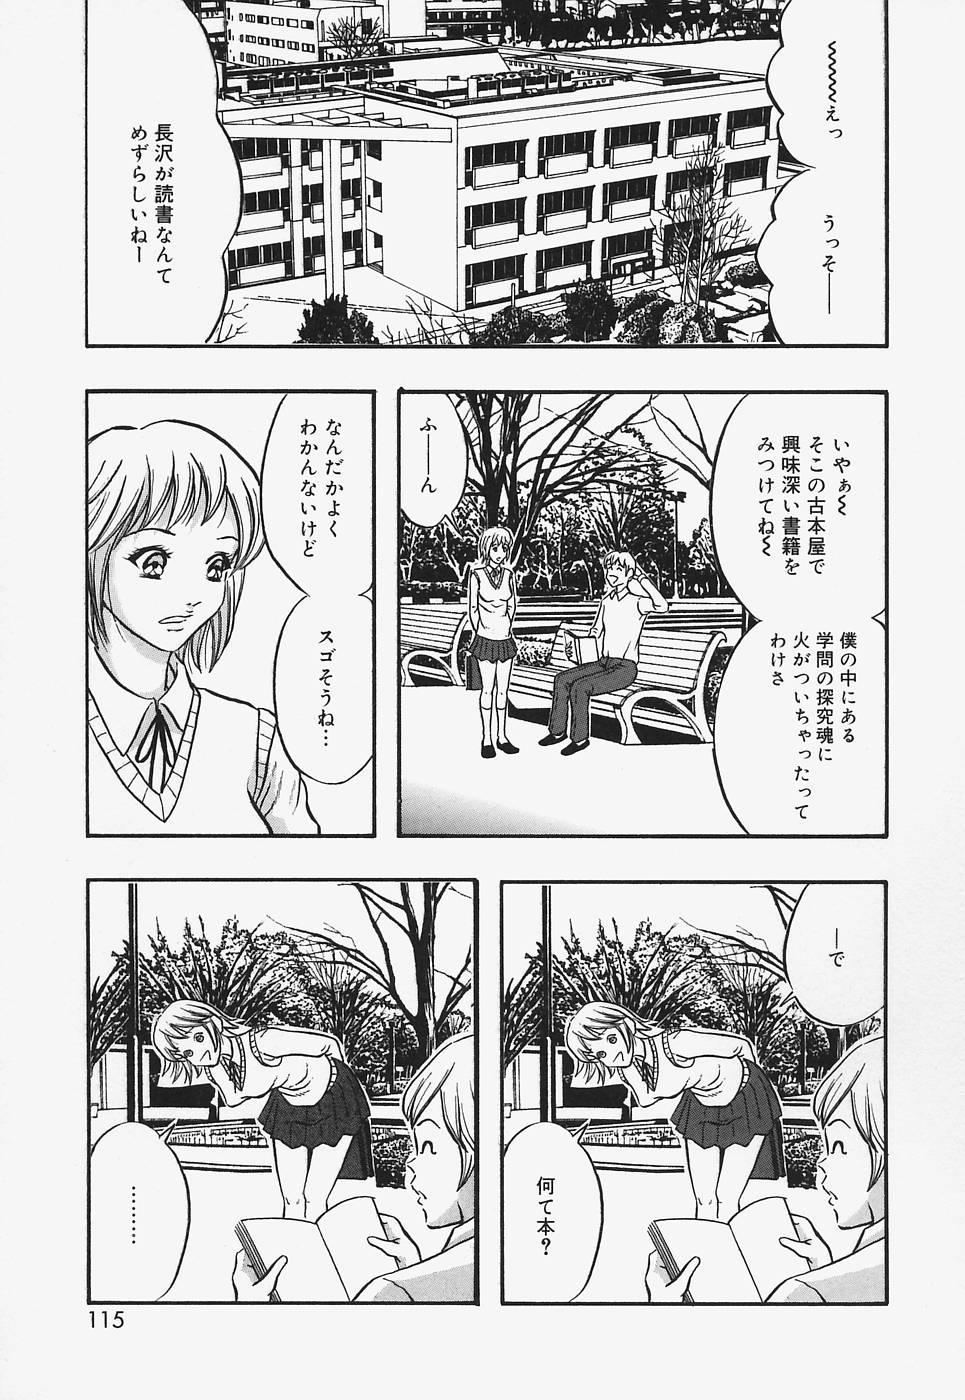 Nurunuru Syoujyo Jiru 114